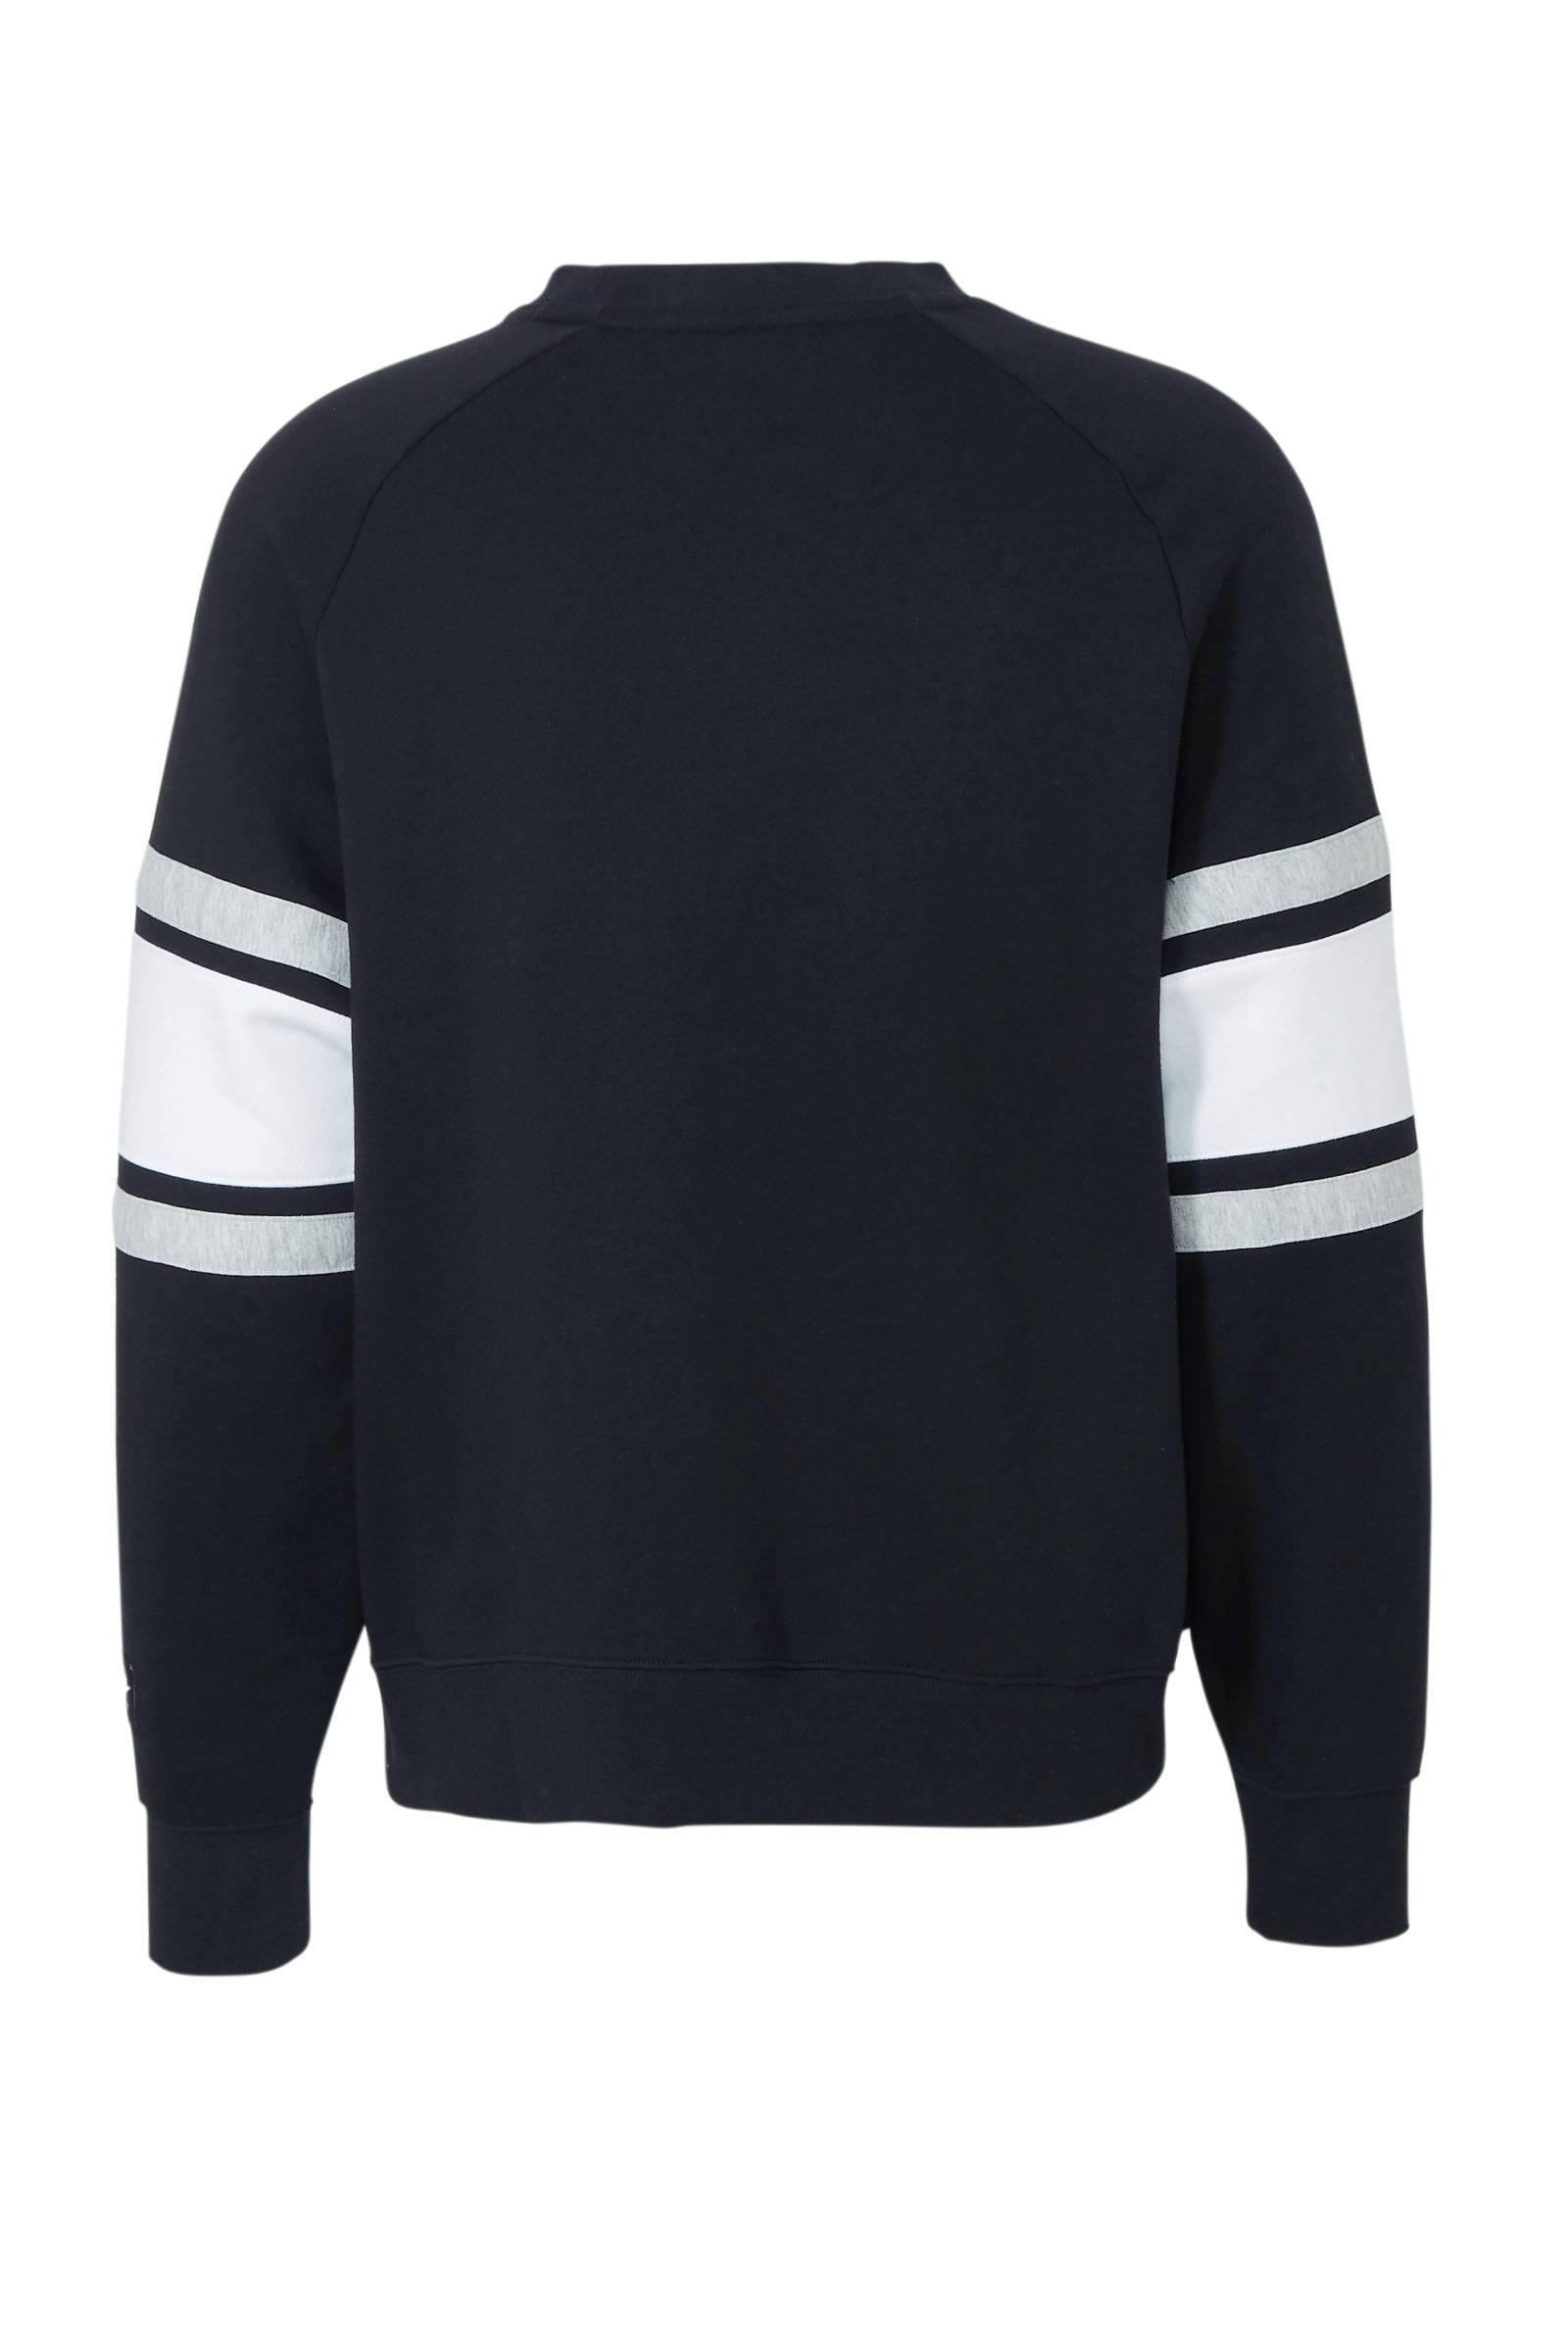 Nike Air Sportsweater Zwart/grijs in het Zwart voor heren